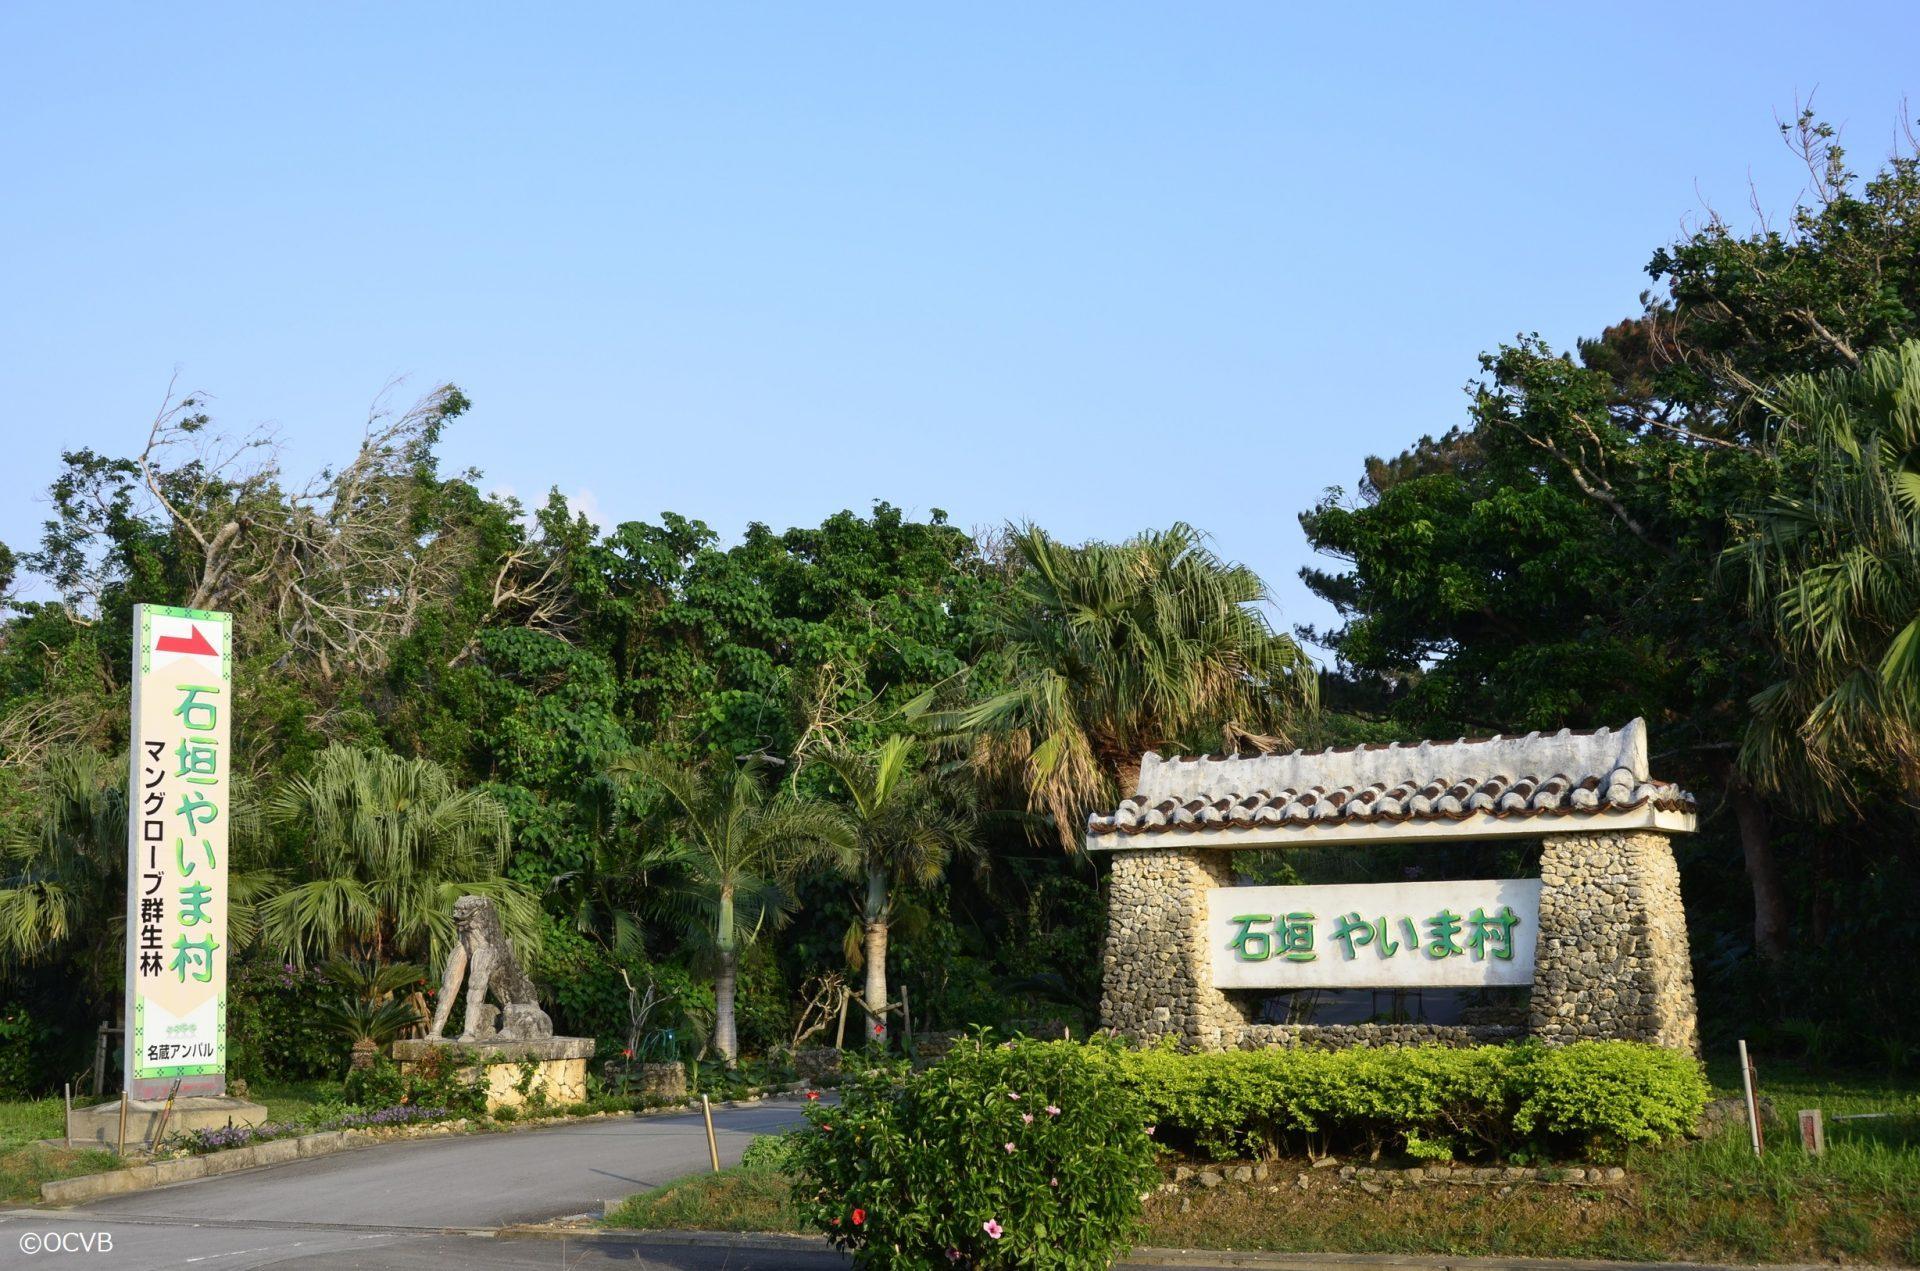 石垣やいま村 石垣島 観光 スポット おすすめ 人気 名所 沖縄 旅行